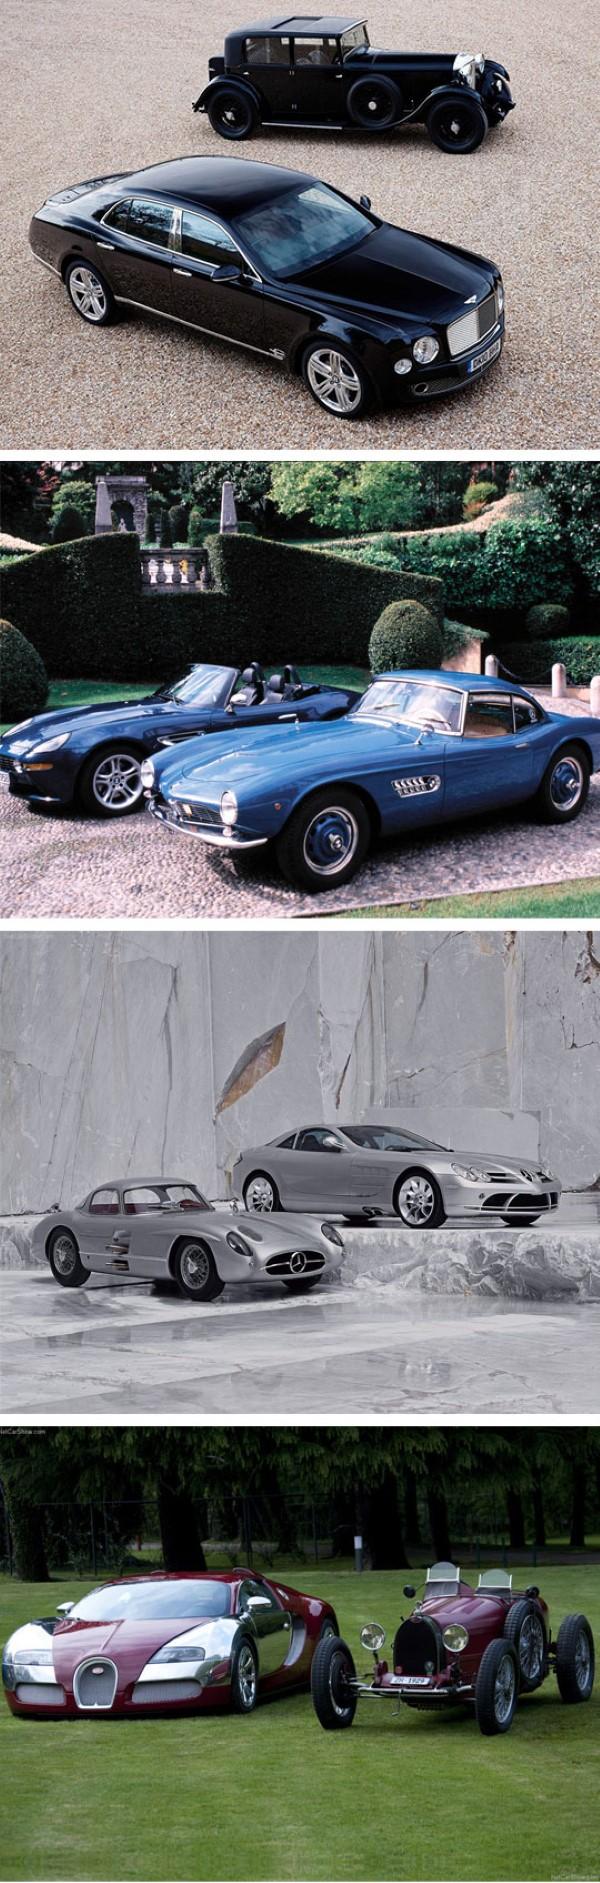 سيارات اليوم الفاخرة مع سيارات الأمس القديمة